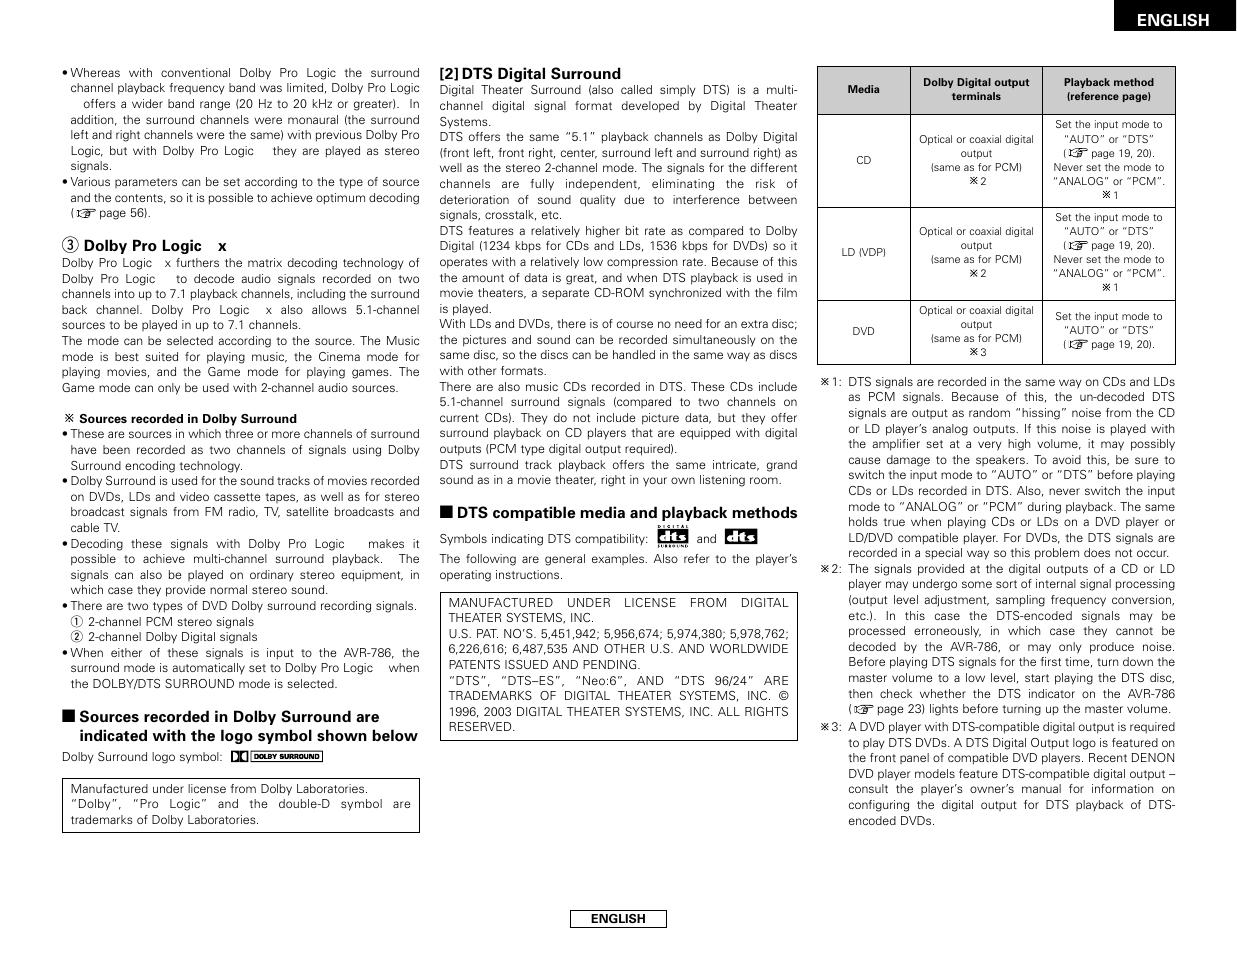 denon avr 786 user manual page 57 68 original mode rh manualsdir com denon avr 787 manual pdf Denon AVR- 1910 Remote Control